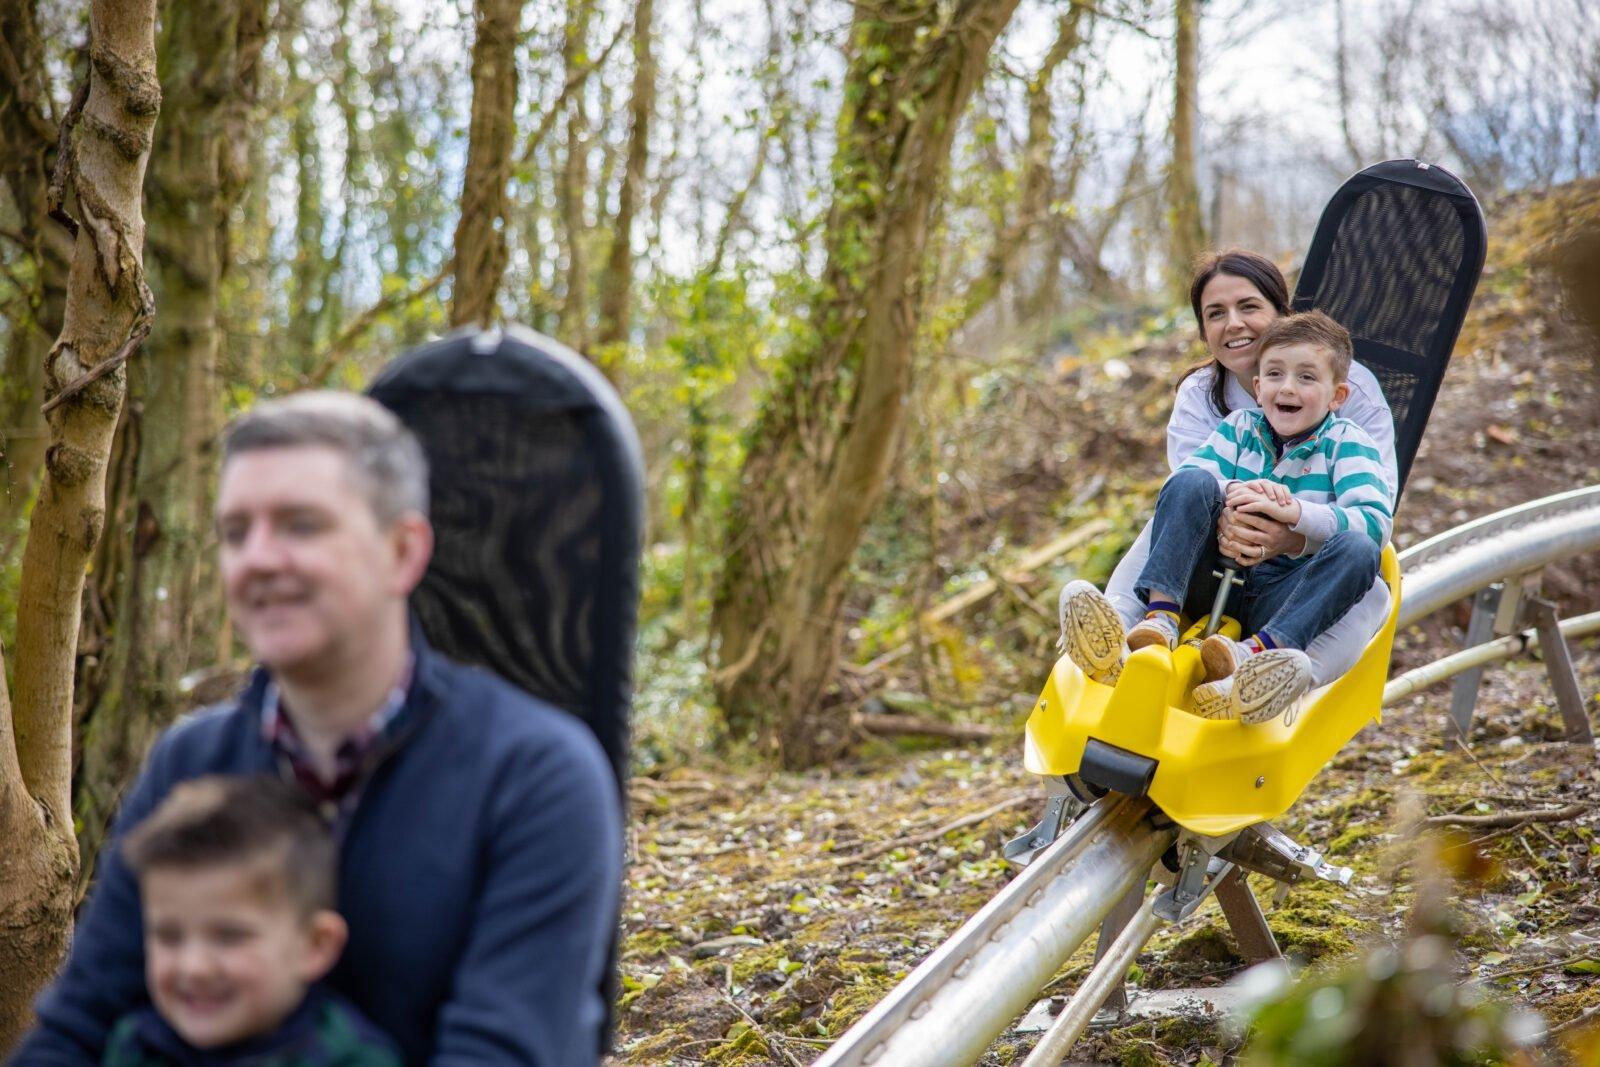 Colin Glen Alpine Coaster